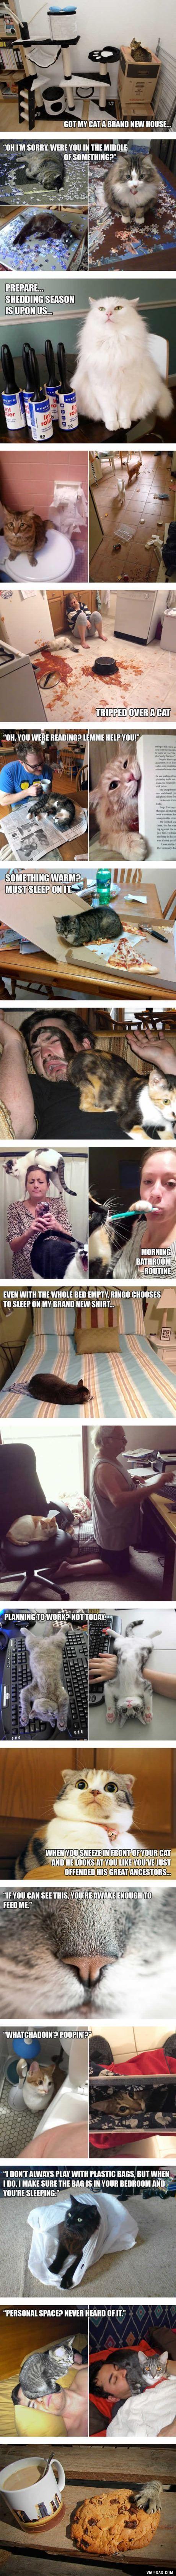 Darüber kann wohl nur ein Katzenbesitzer lachen!